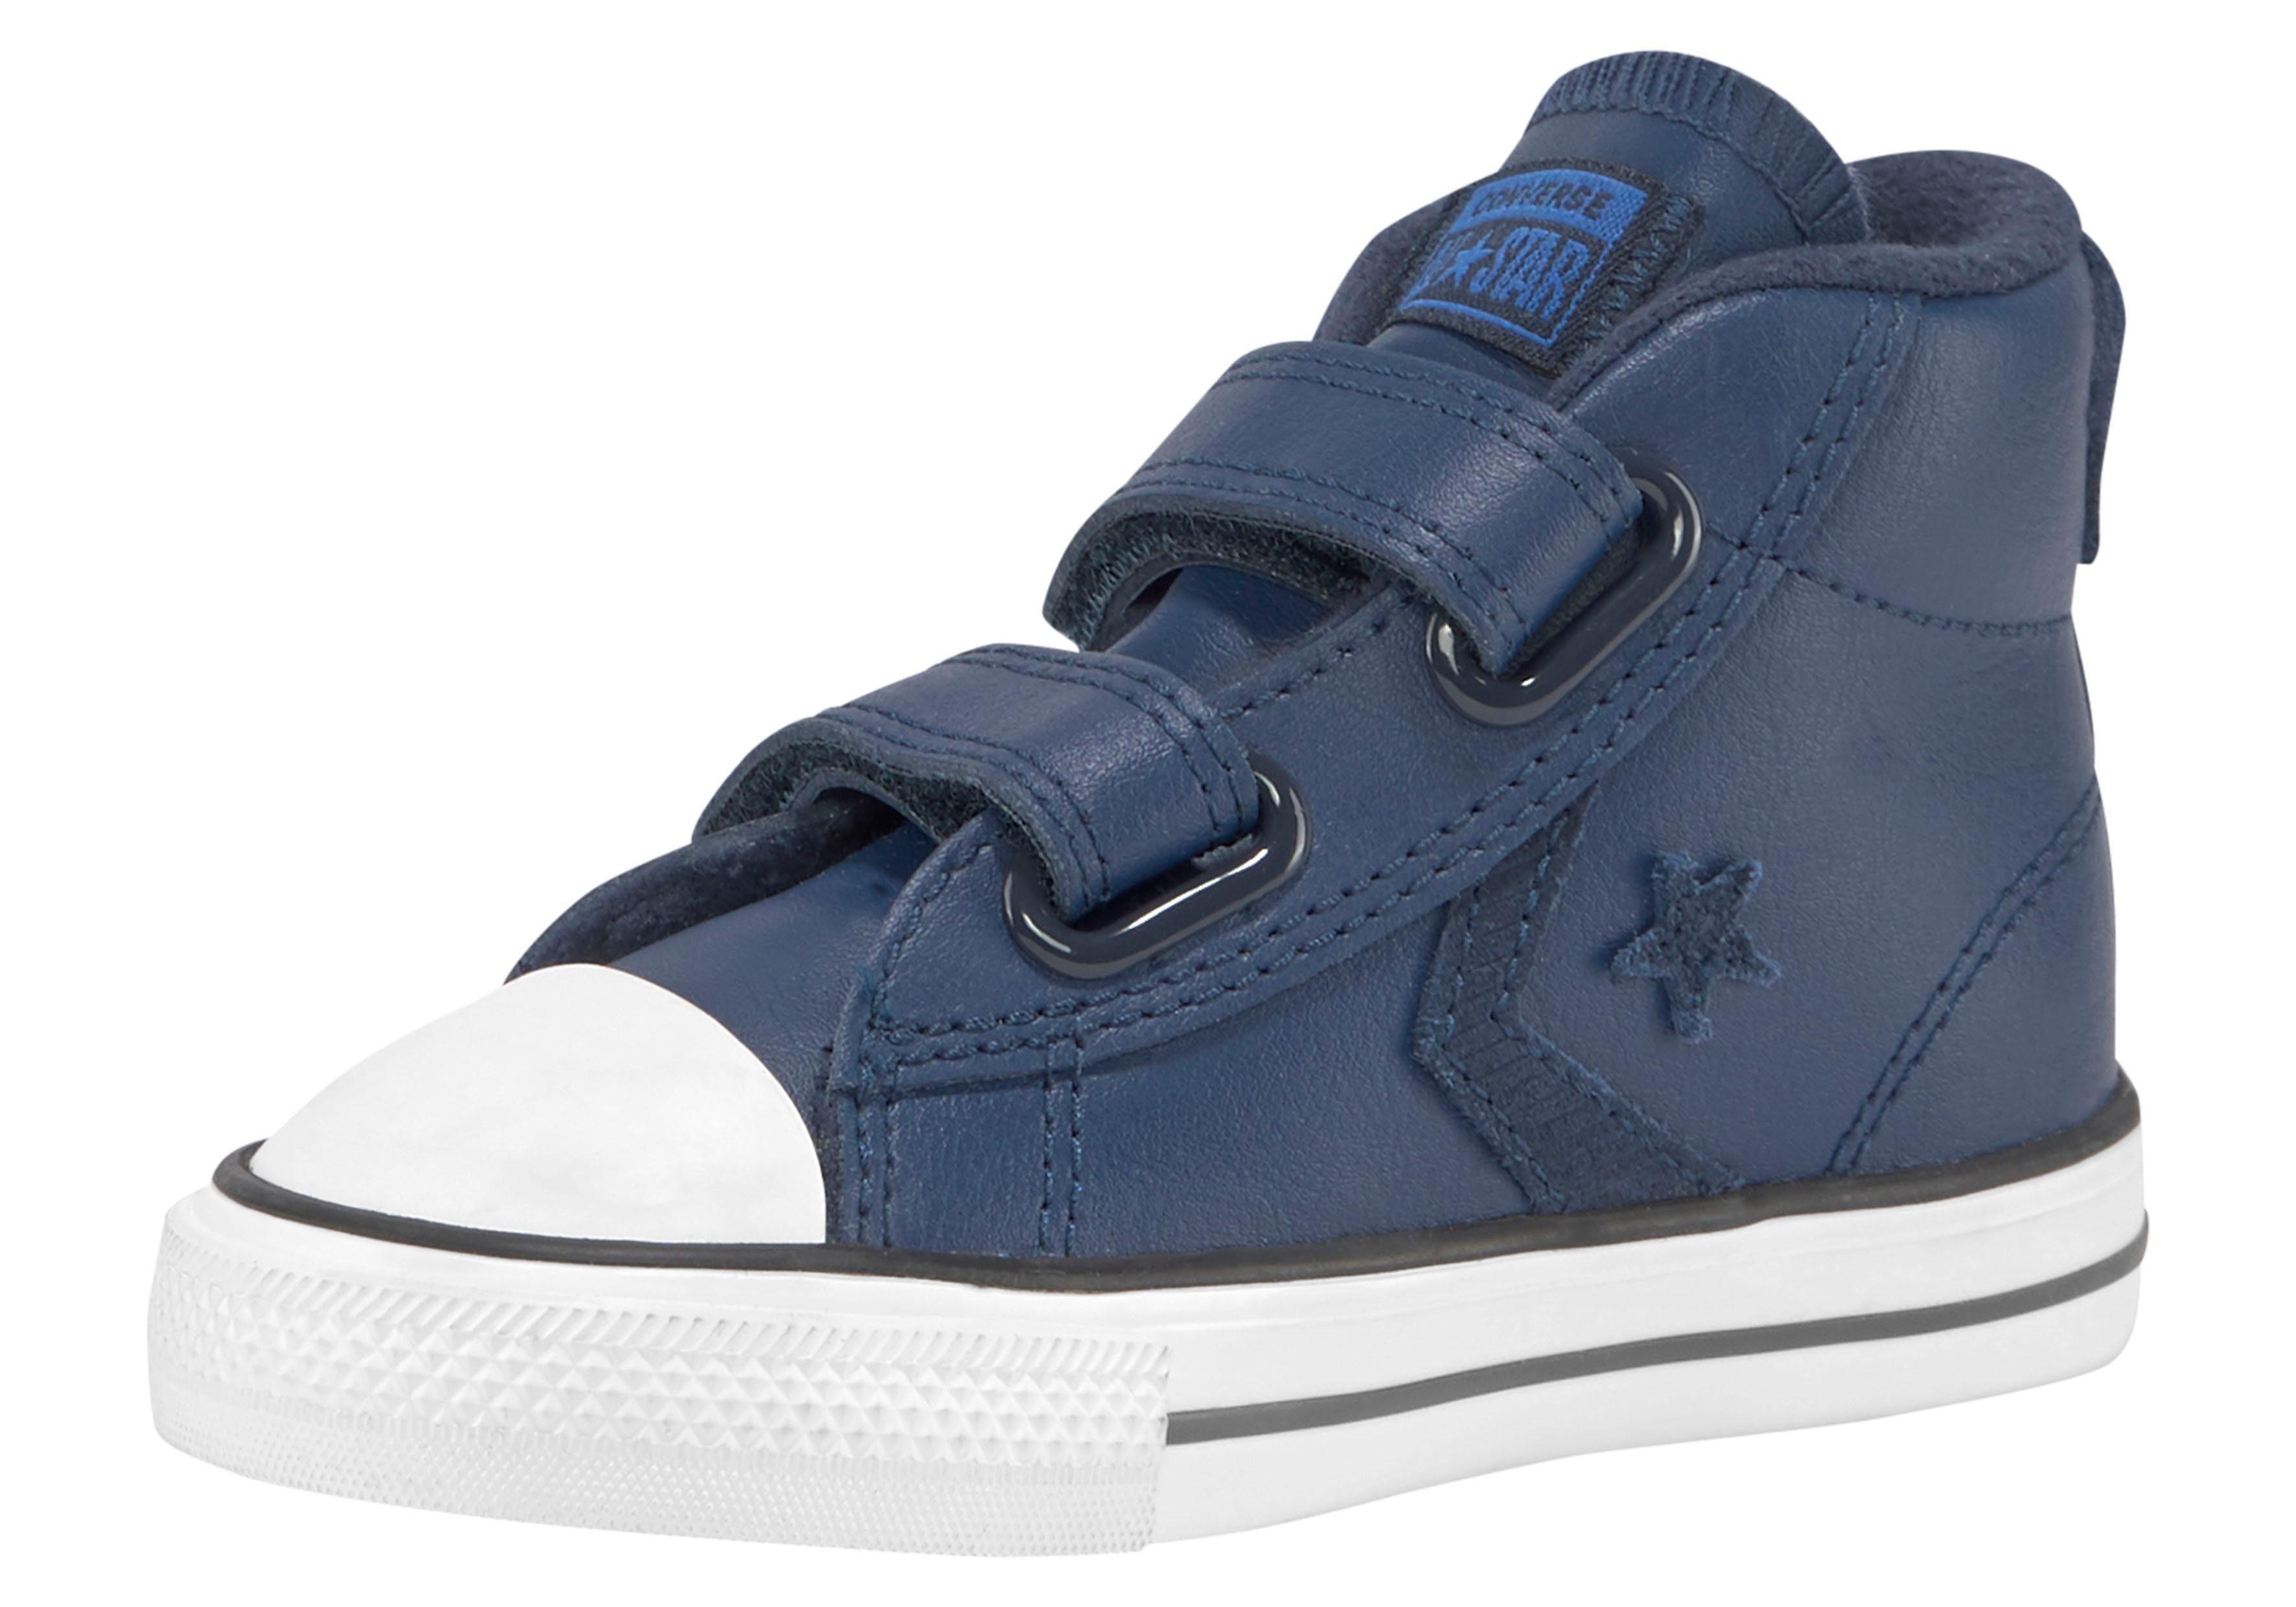 Converse Sneaker »KINDER STAR PLAYER 2V ASTEROID MID KLETT« günstig kaufen | BAUR